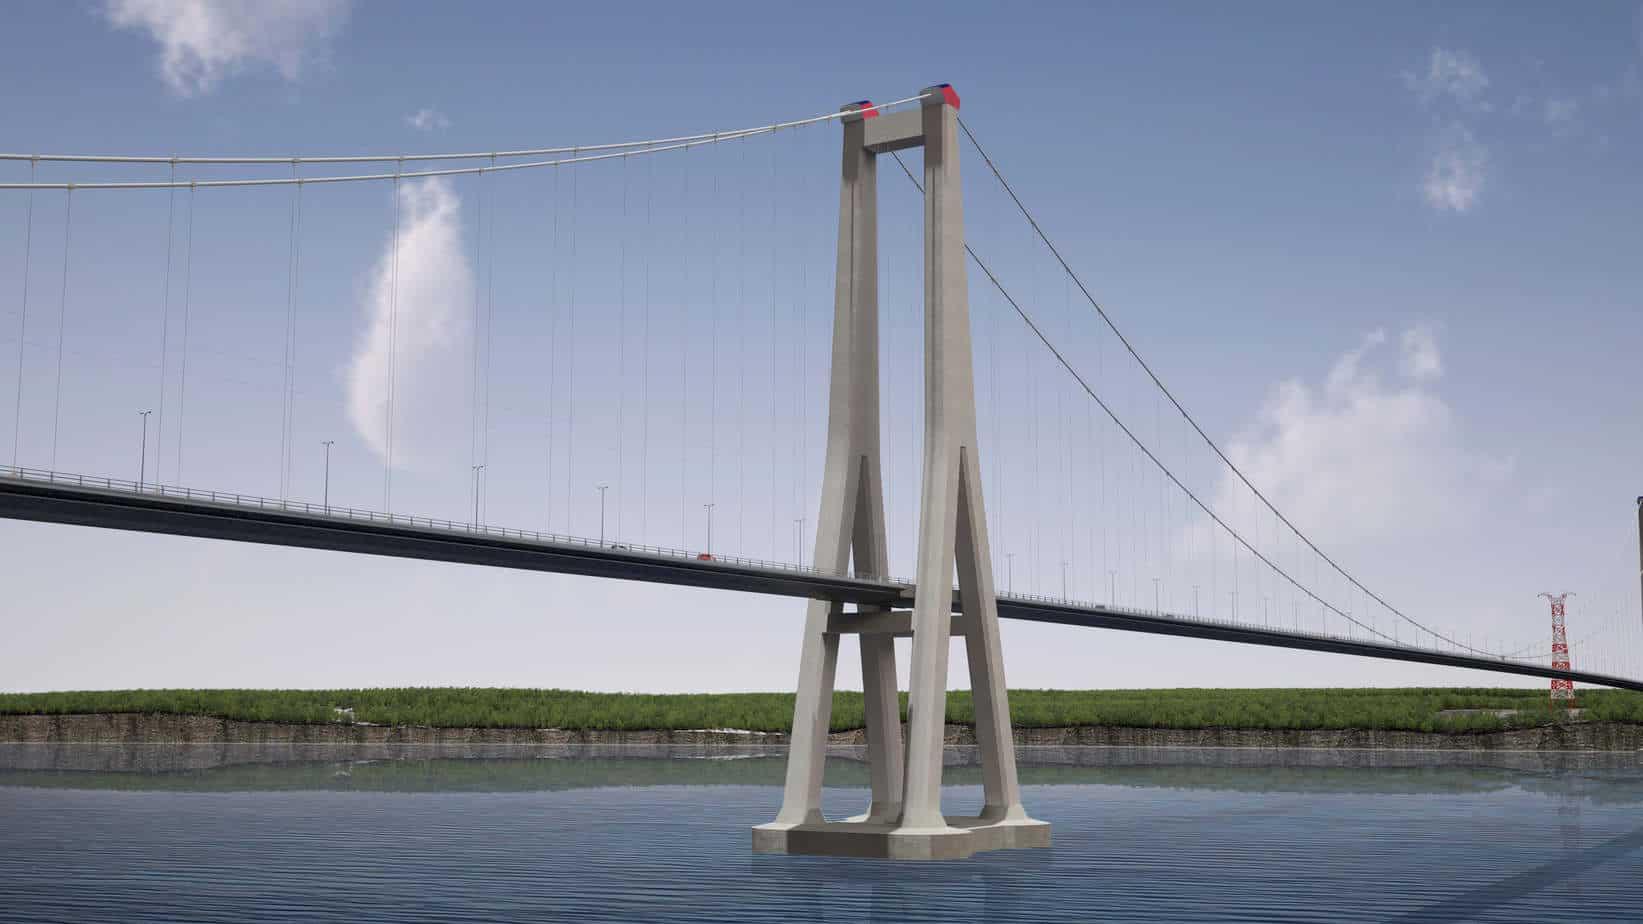 Puente Chacao: Hyundai informa que «por primera vez en su historia» paralizará una obra